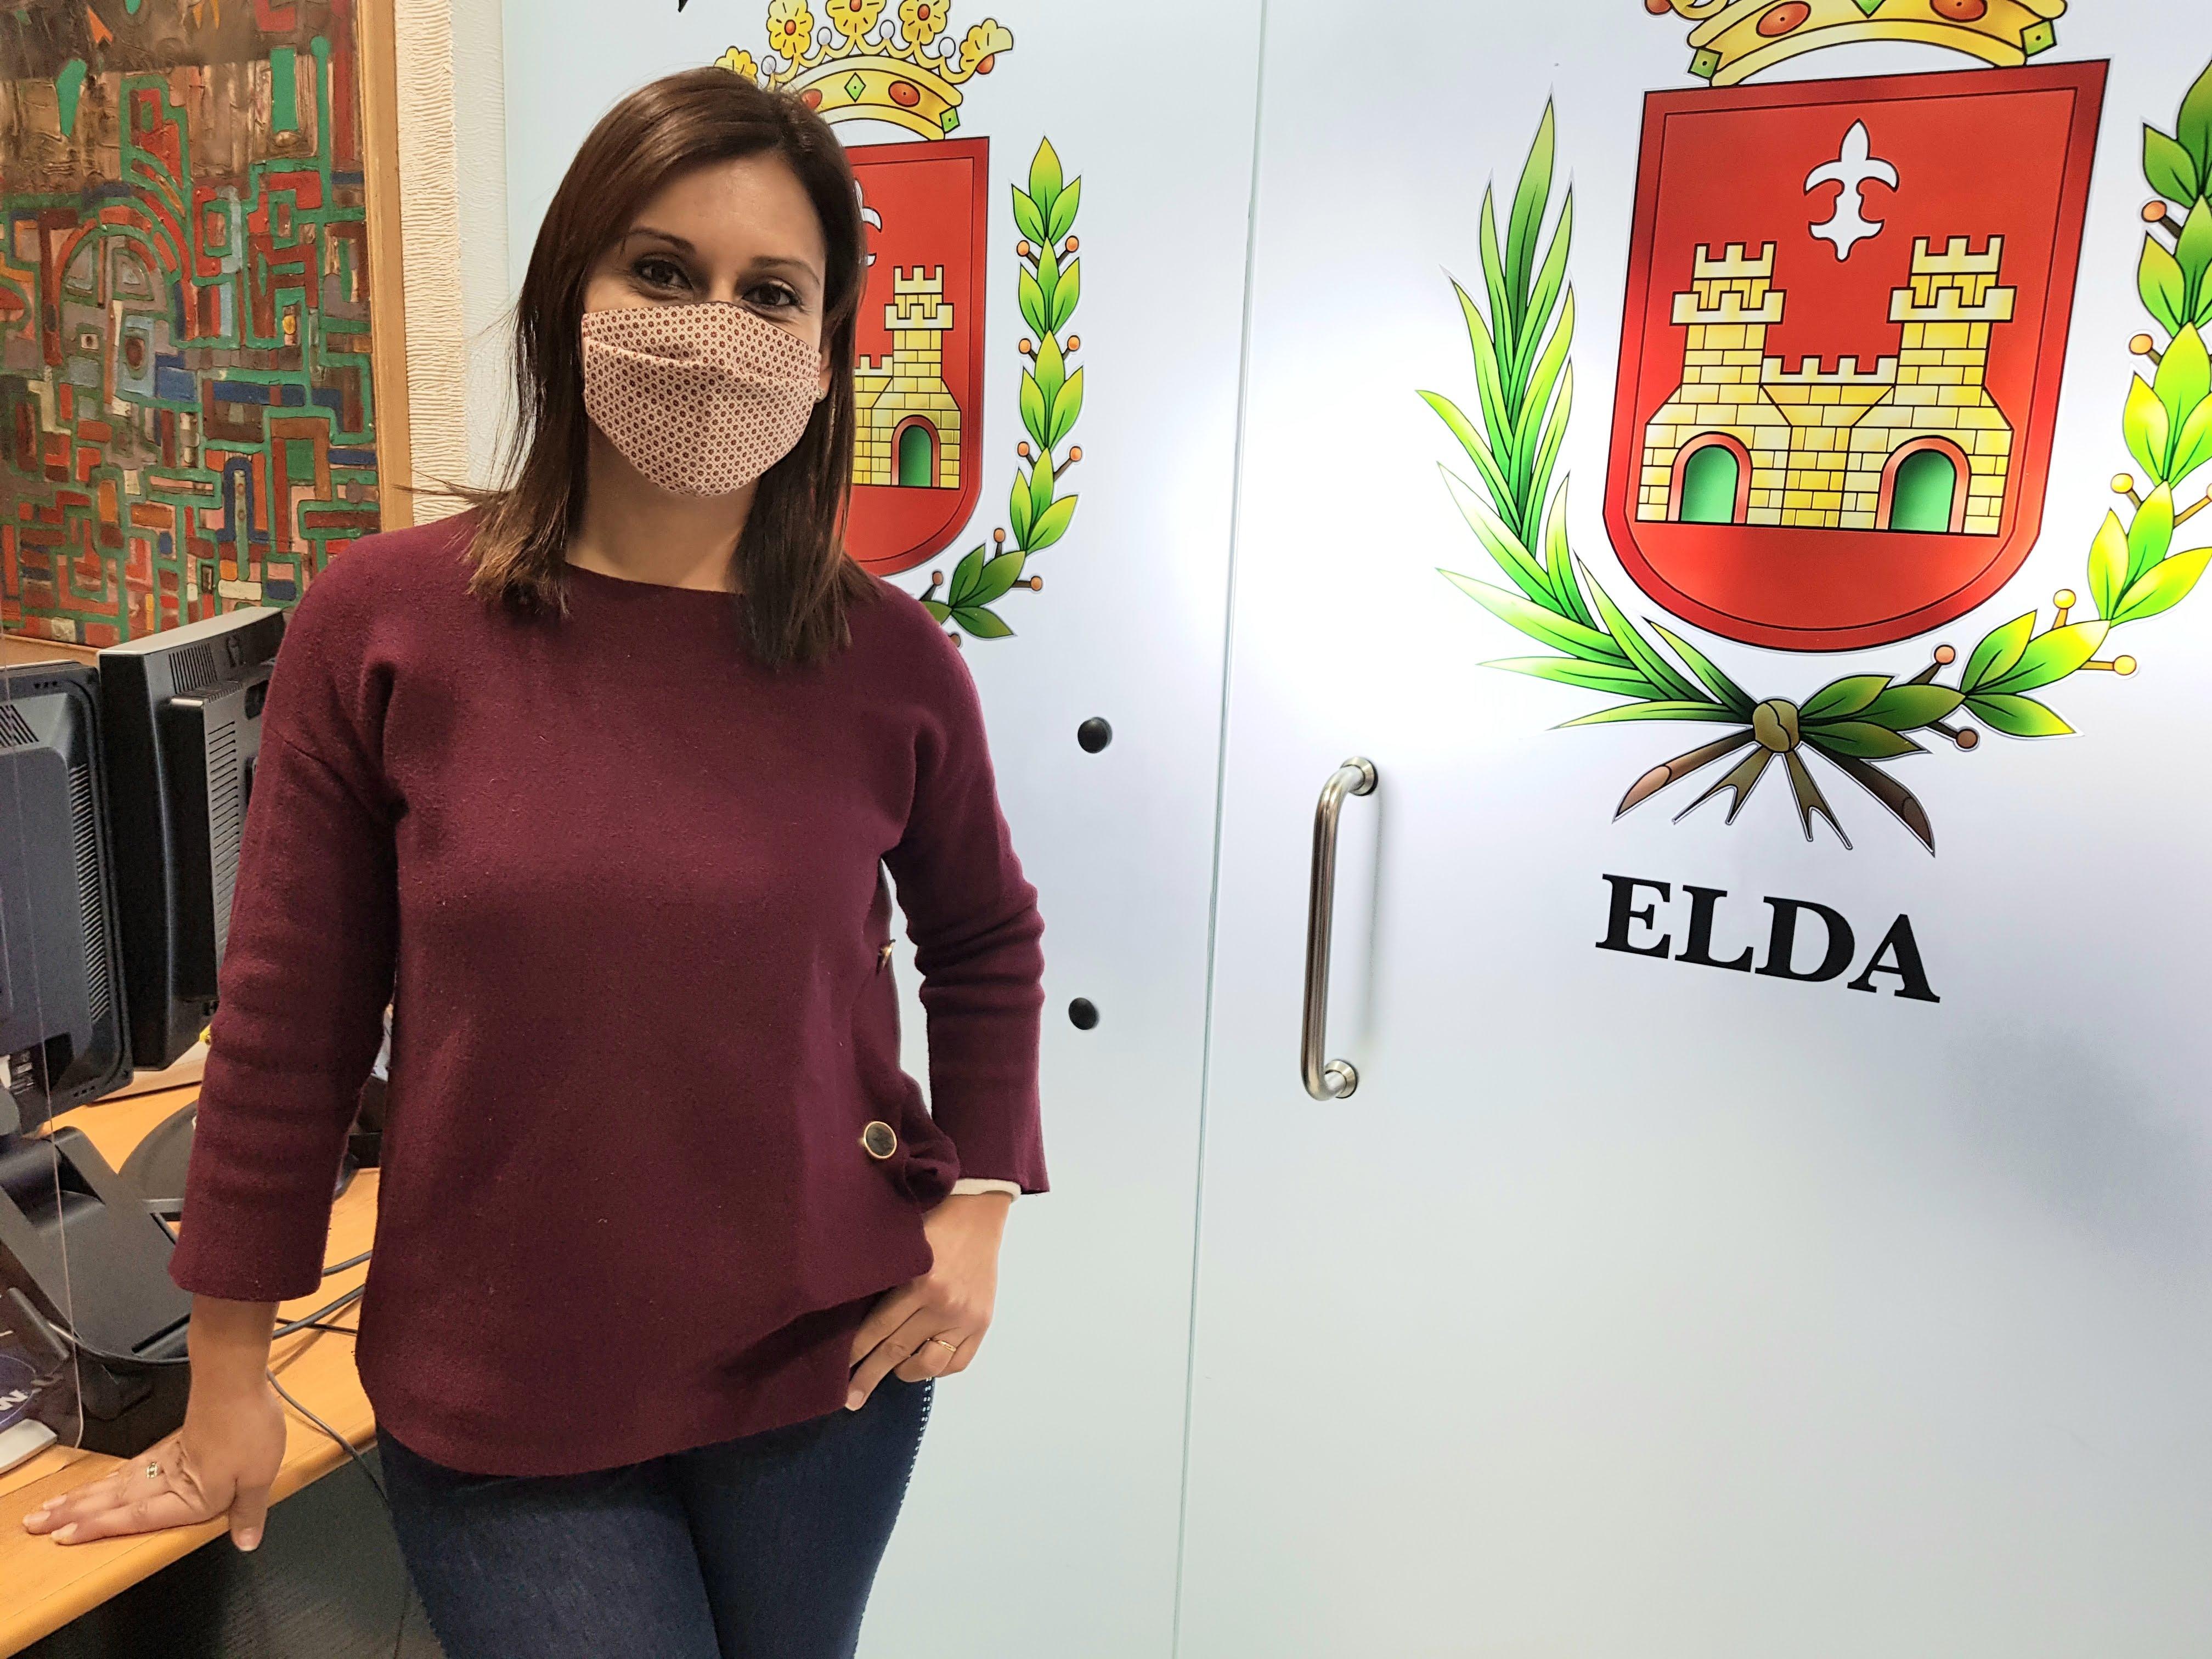 Idelsa completa el pago de las ayudas económicas a las pymes y autonómos de Elda afectados por la crisis del Covid-19